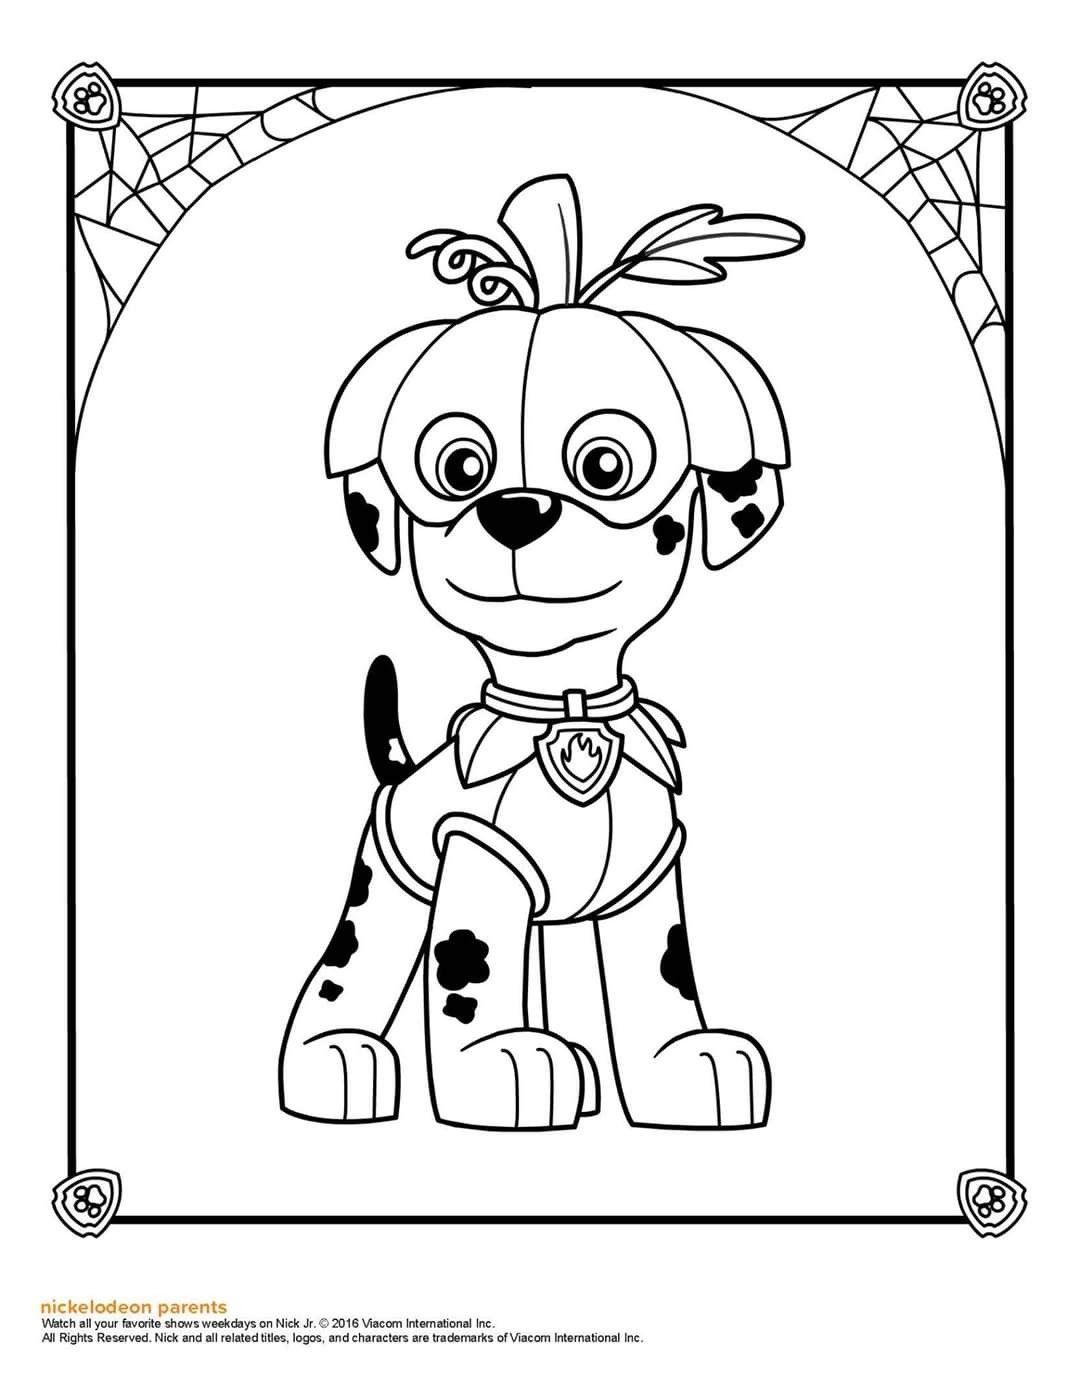 Pin Van Rricker Op Kleurplaten Kleurplaten Halloween Kinderfeestje